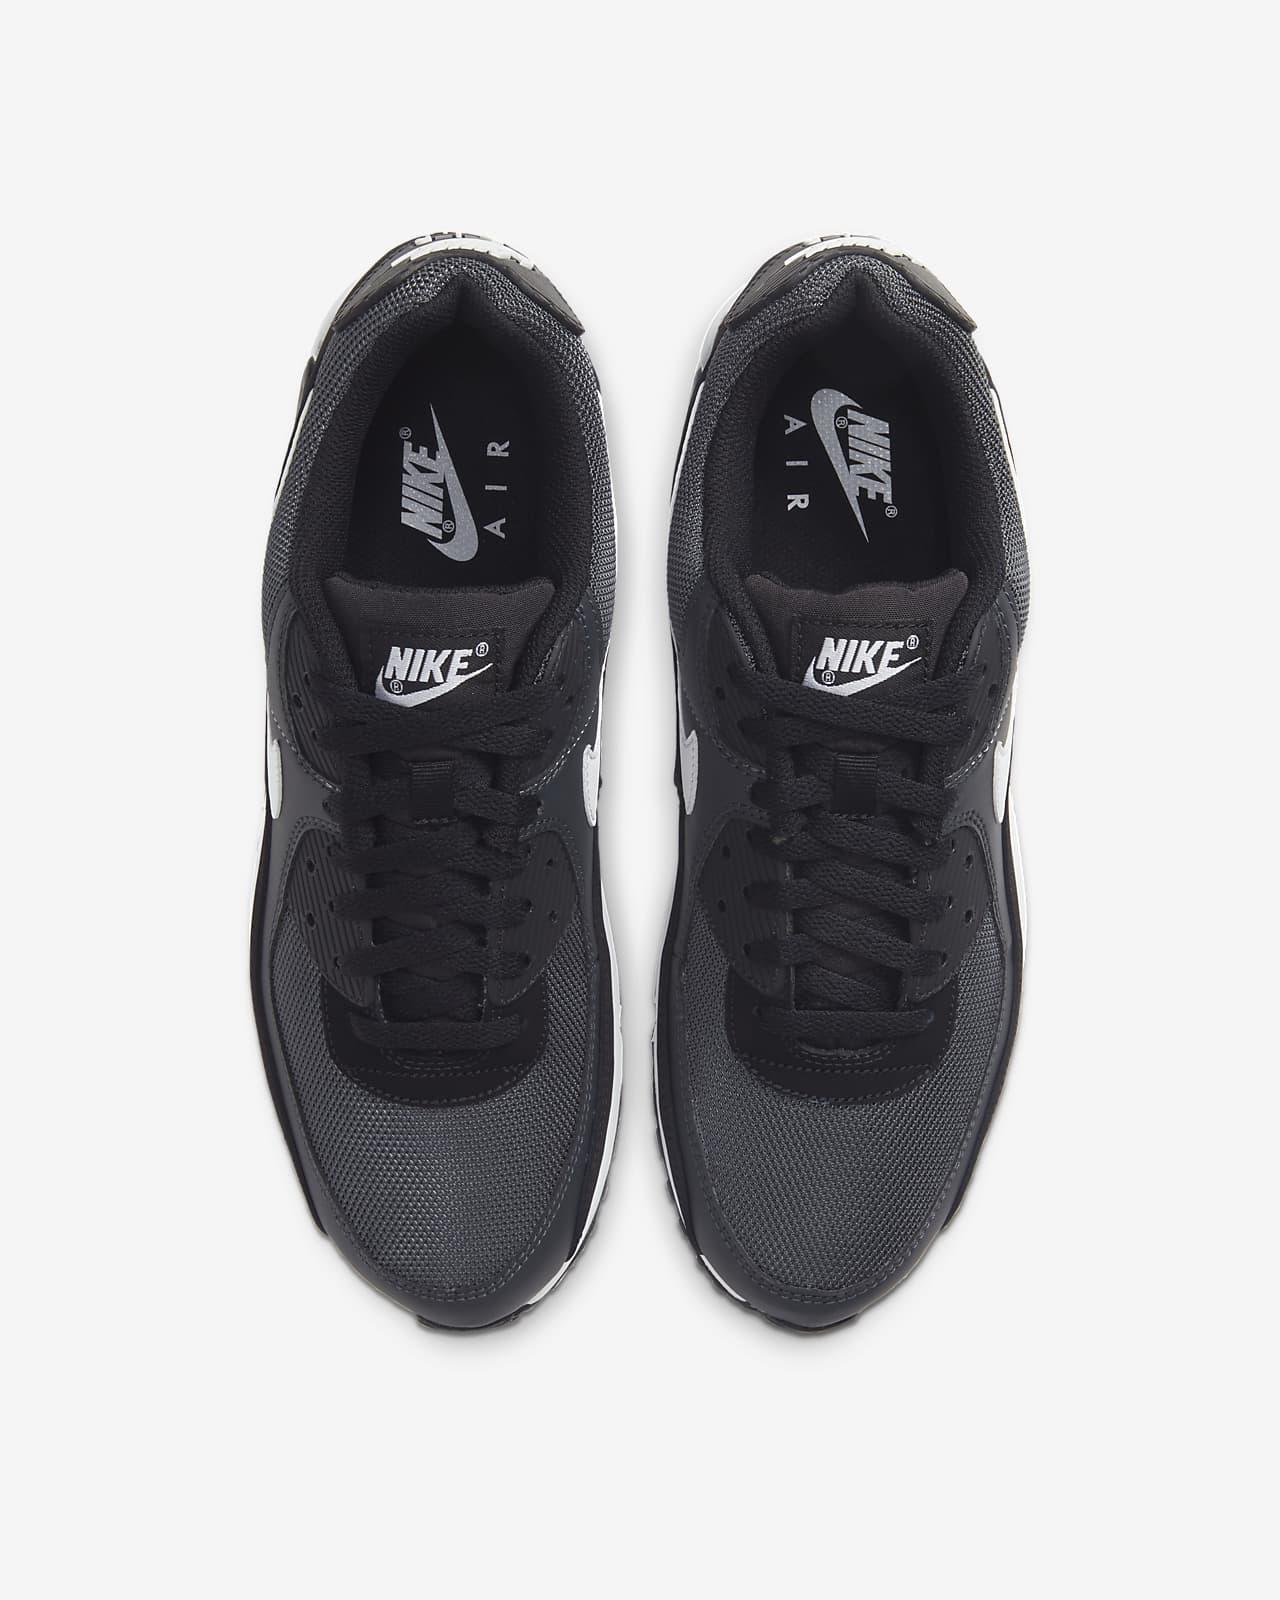 air max 90 homme noir et gris